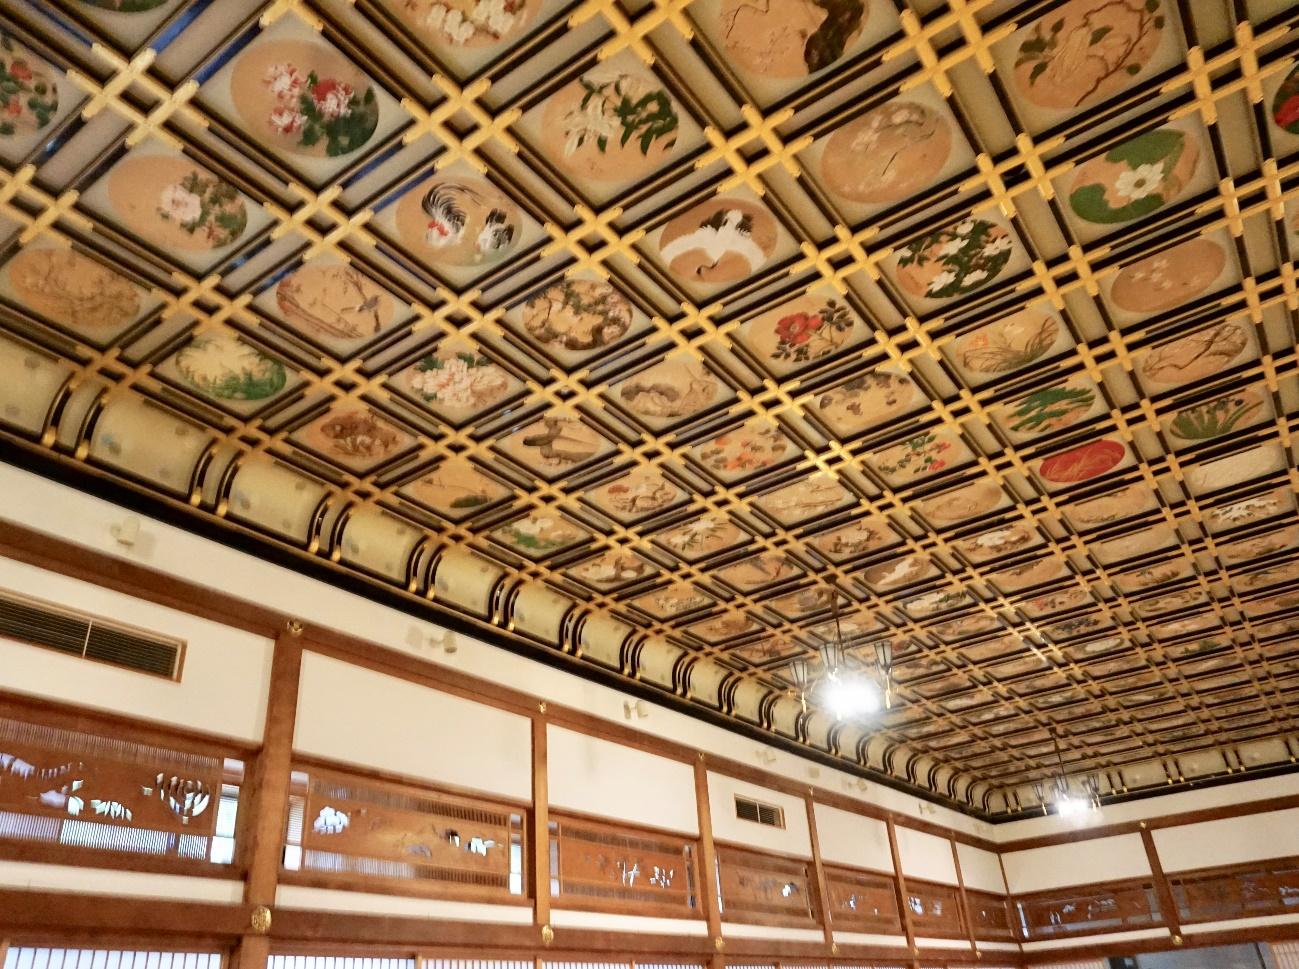 年越し番組、ゆく年くる年の鐘で有名な福井県・永平寺の魅力をたっぷりとご紹介